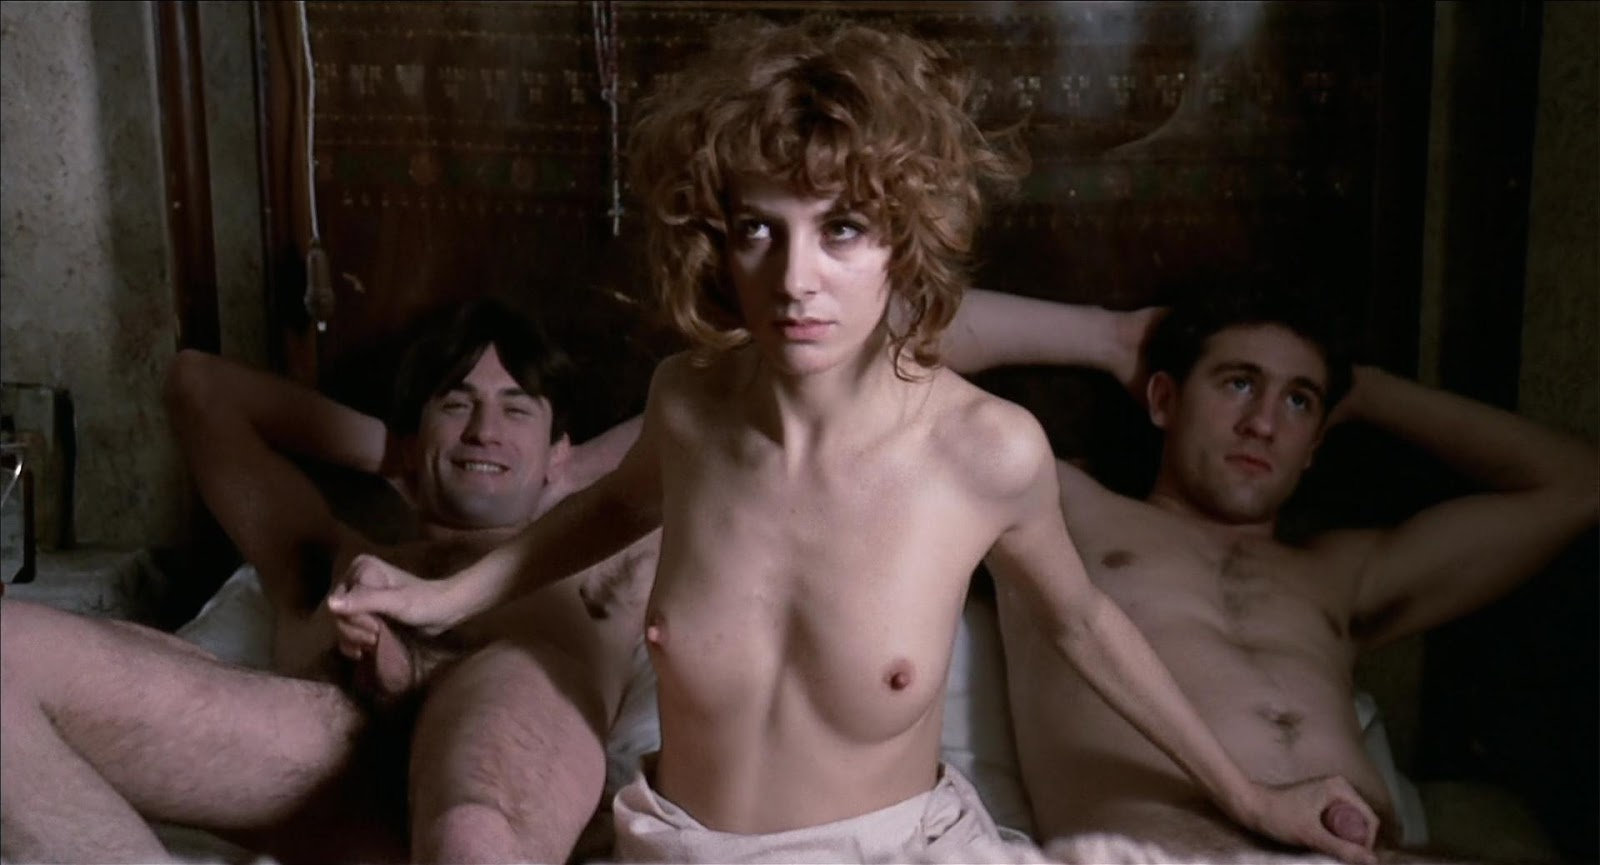 Сели смотреть художественные фильмы про секс оказался умелым